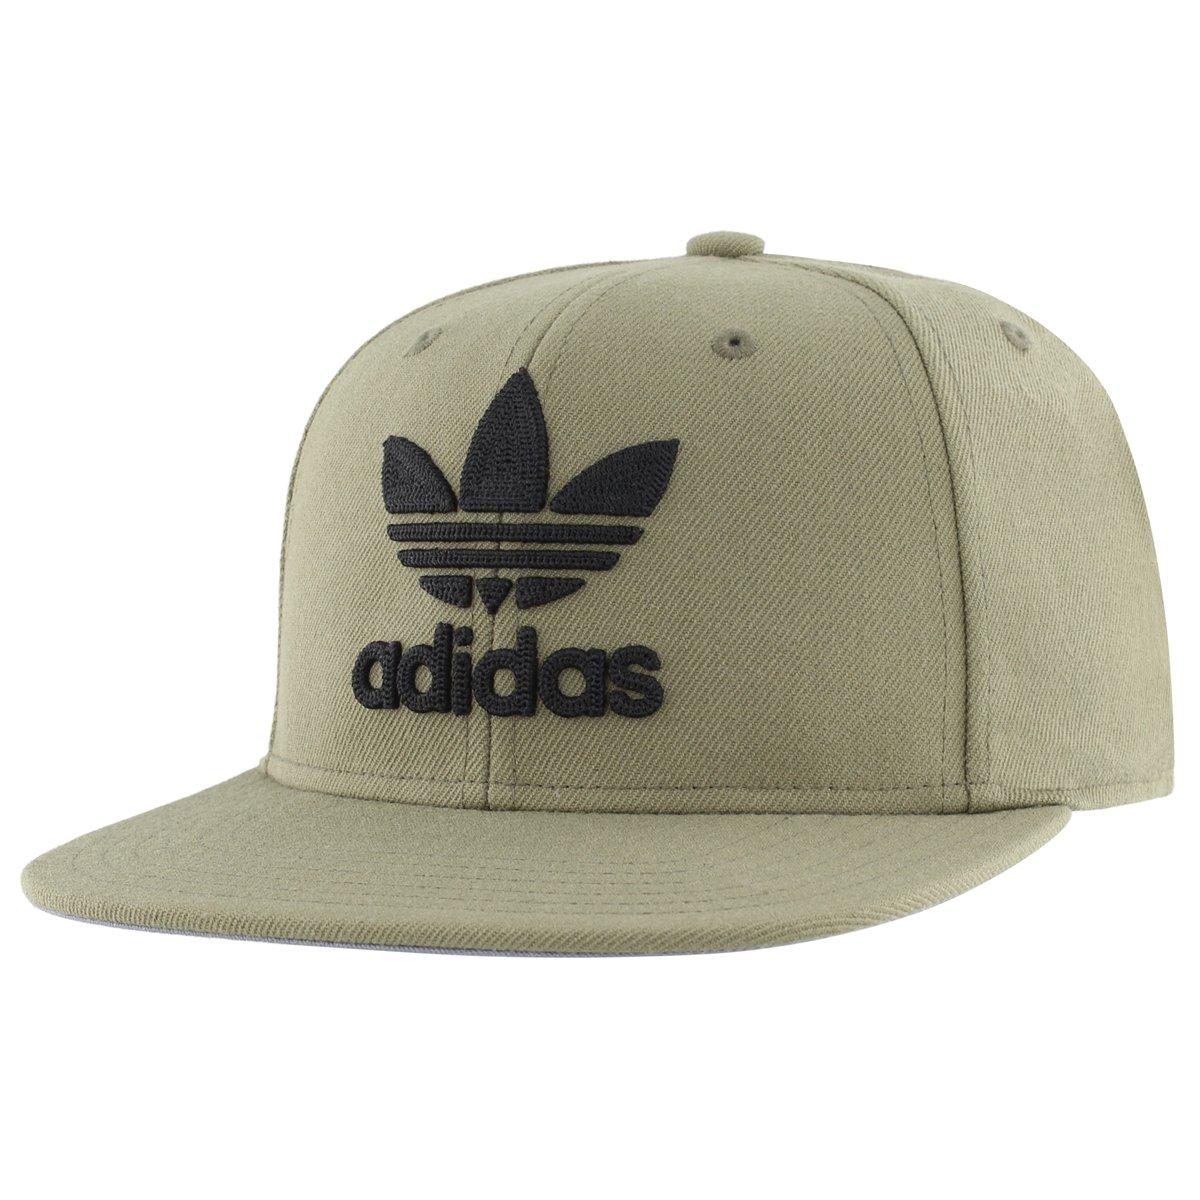 Adidas Men's Originals Snapback Flatbrim Cap Agron Hats & Accessories 200012